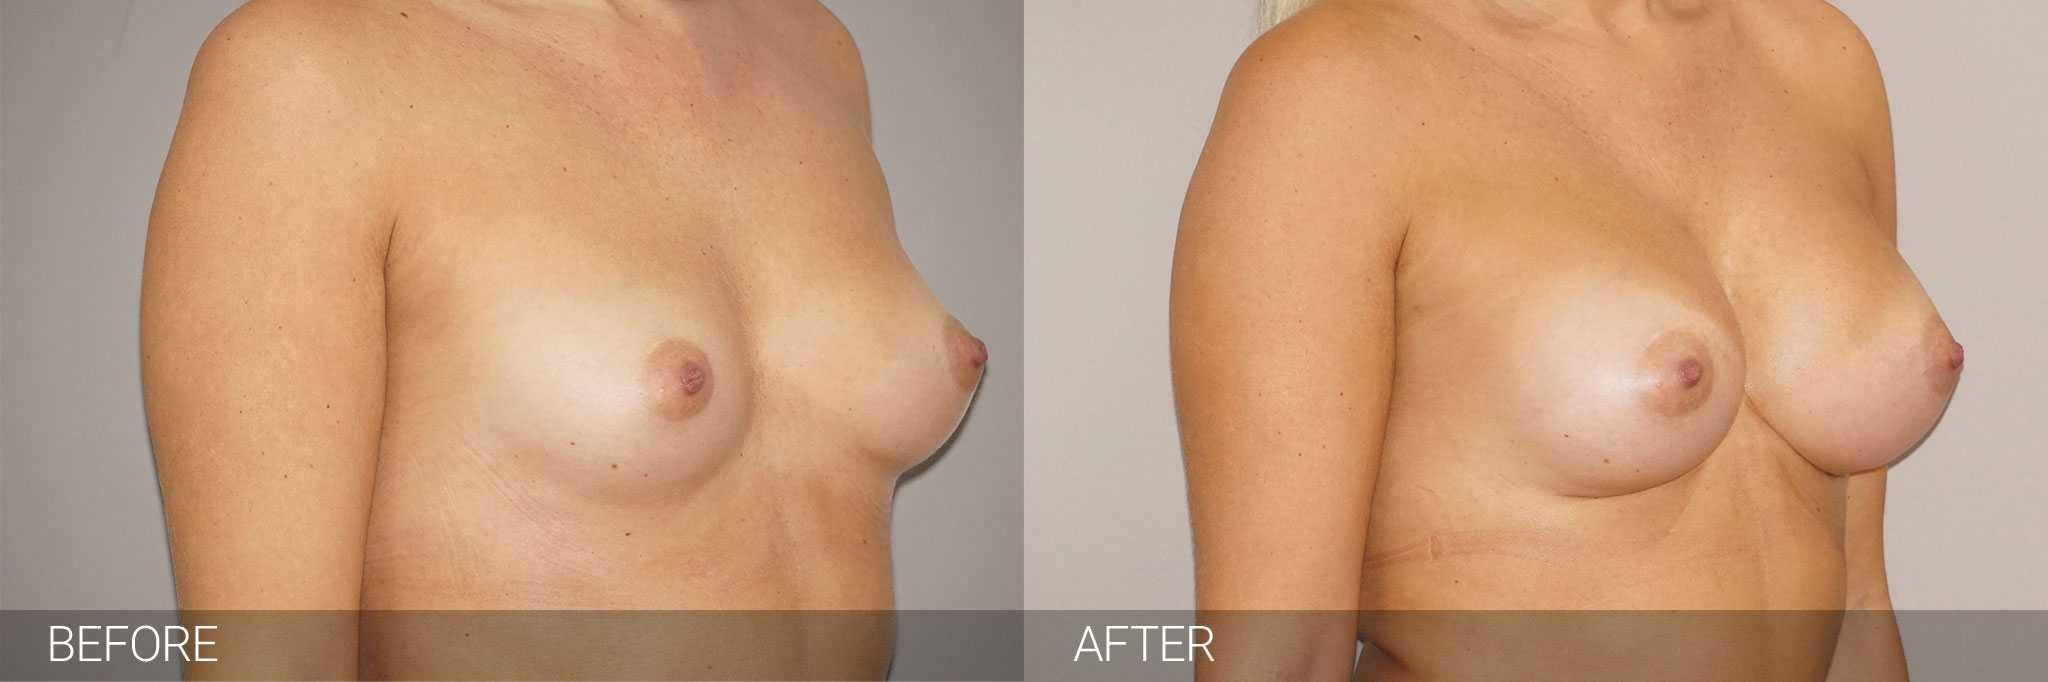 Augmentation mammaire Prothèses mammaires 280cc profil haut ante/post-op II